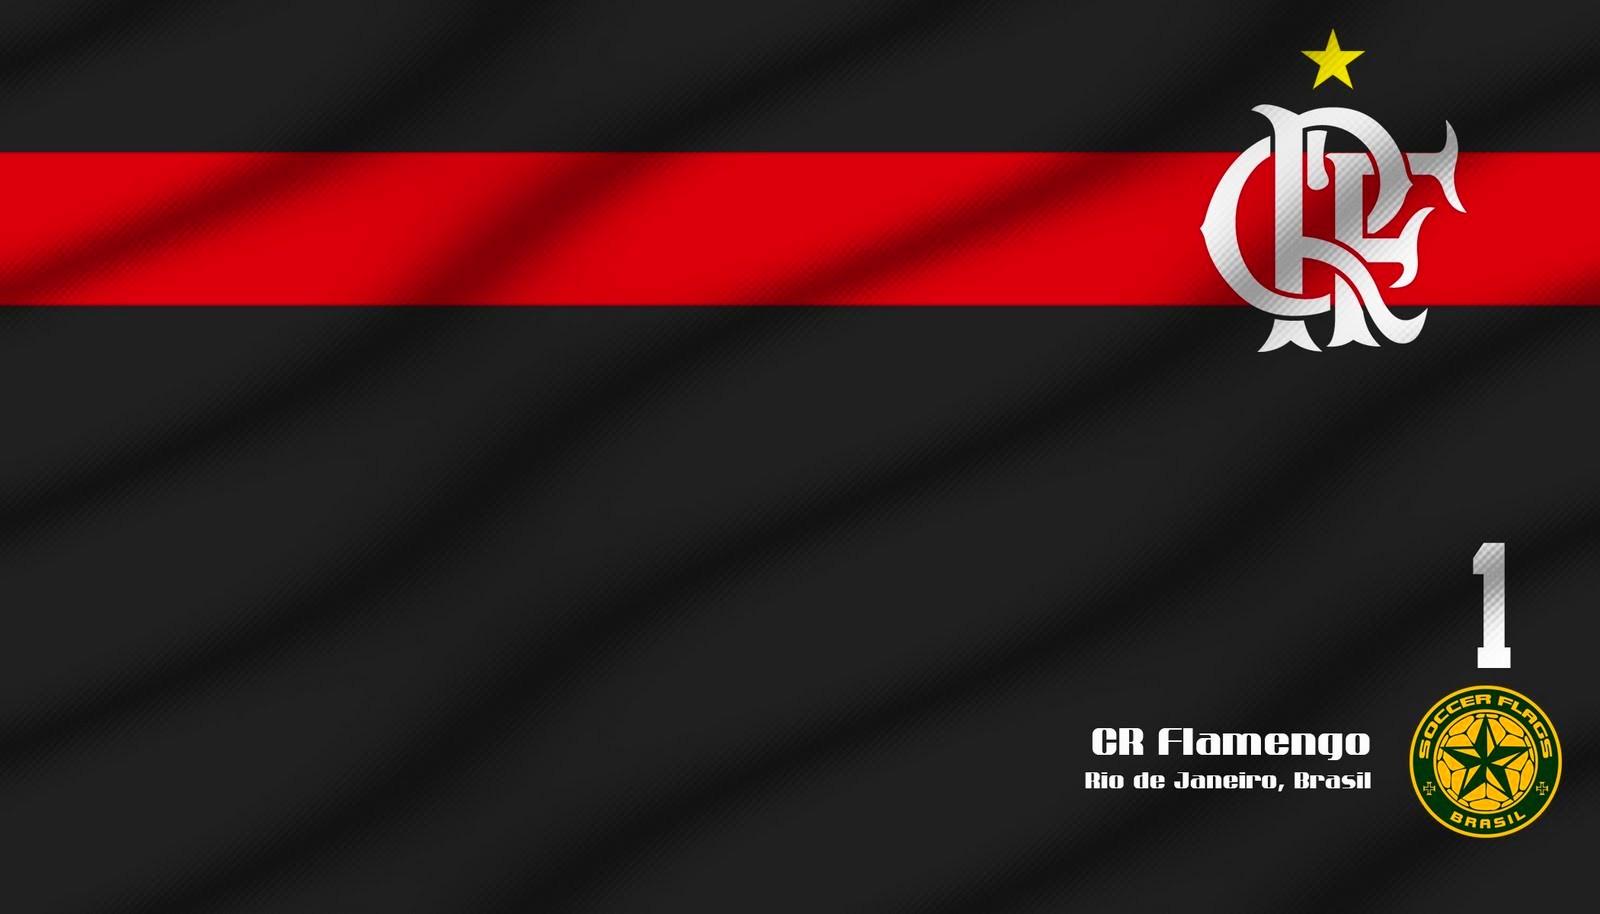 http://2.bp.blogspot.com/-Dpxx4Hf71Lc/UBczNC6X5gI/AAAAAAAABTk/SHhVaCb9kr0/s1600/flamengo-wallpaper+(6).jpg